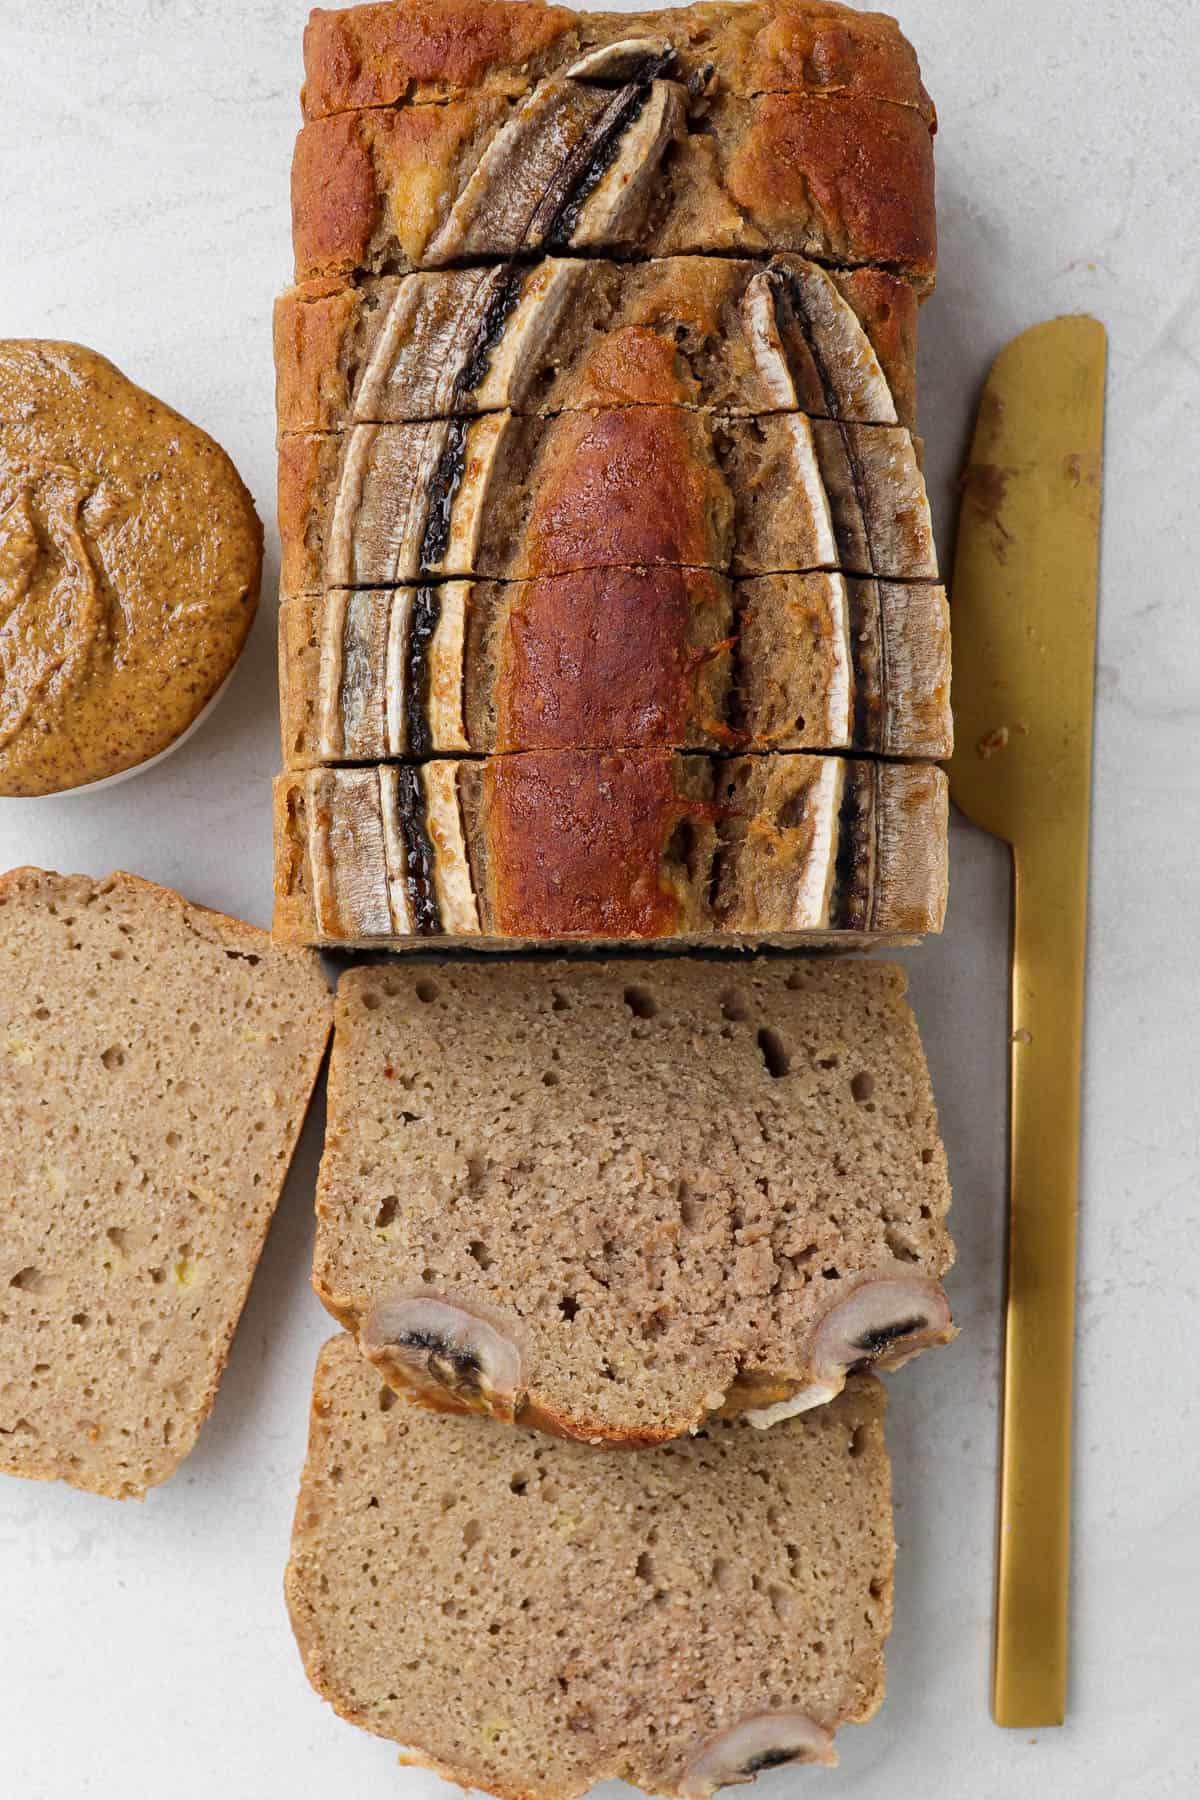 Close up shot of sliced banana bread.